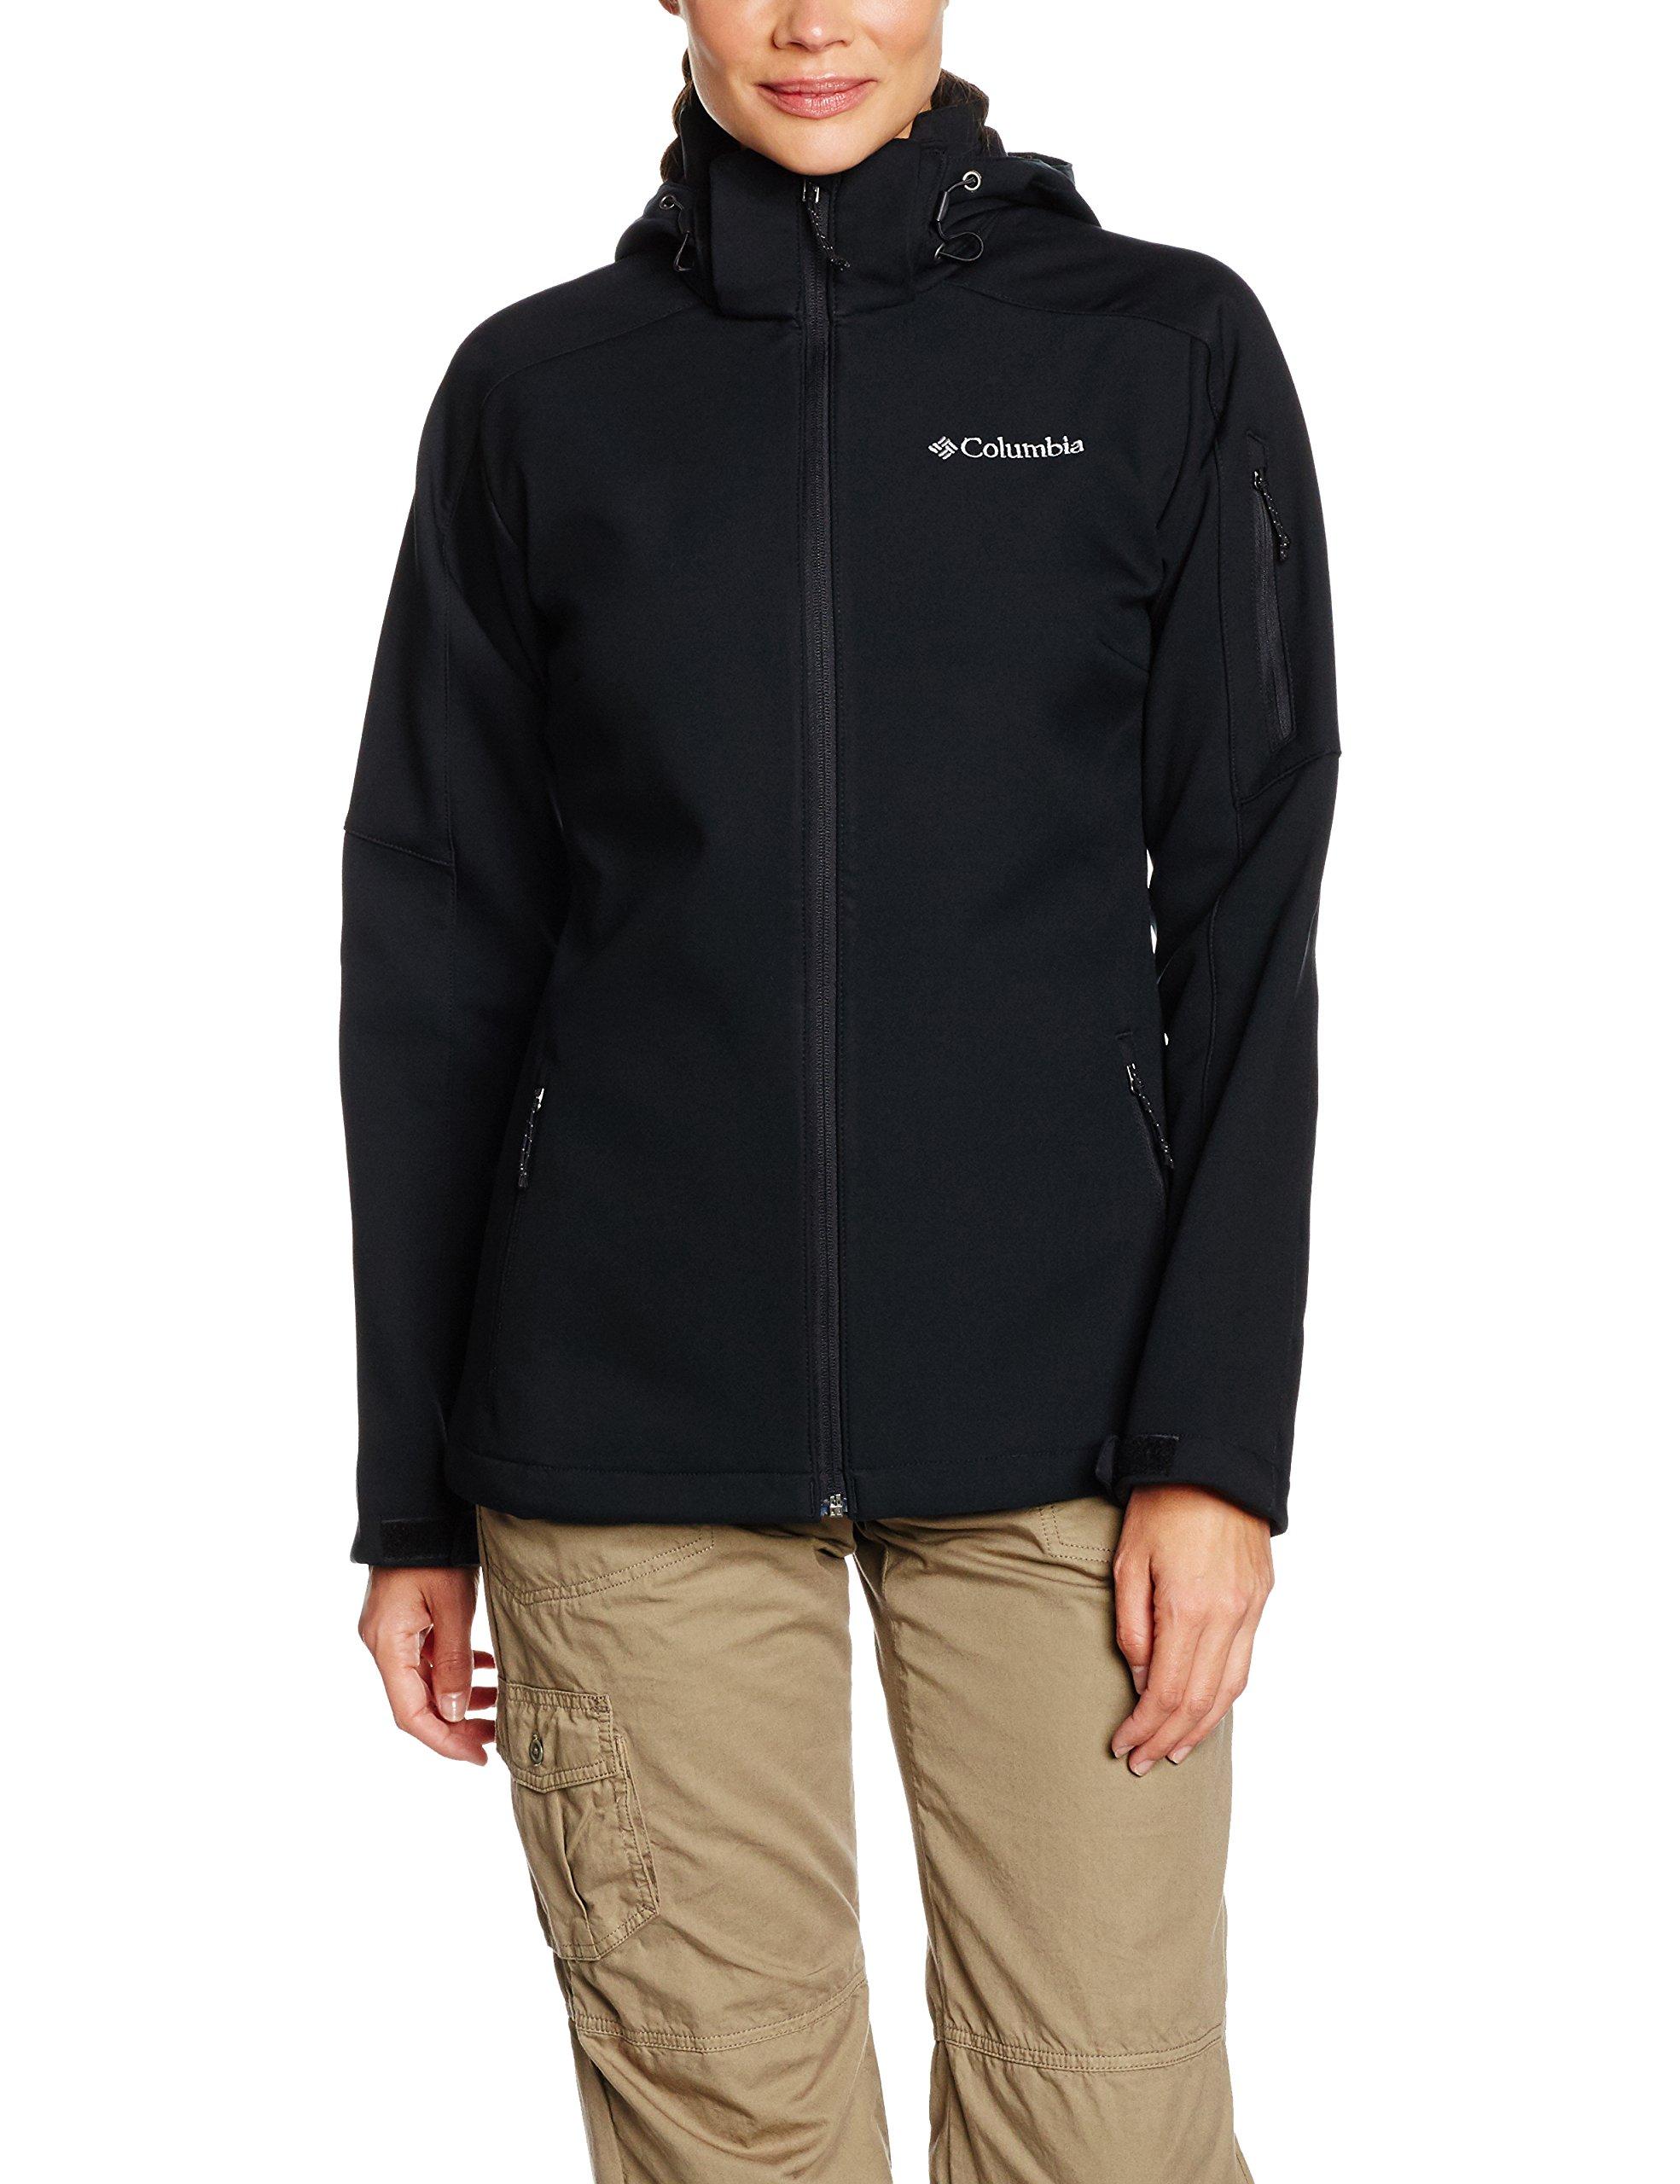 Mejor valorados en Ropa deportiva de abrigo para mujer   Opiniones ... c2021d7f6b6